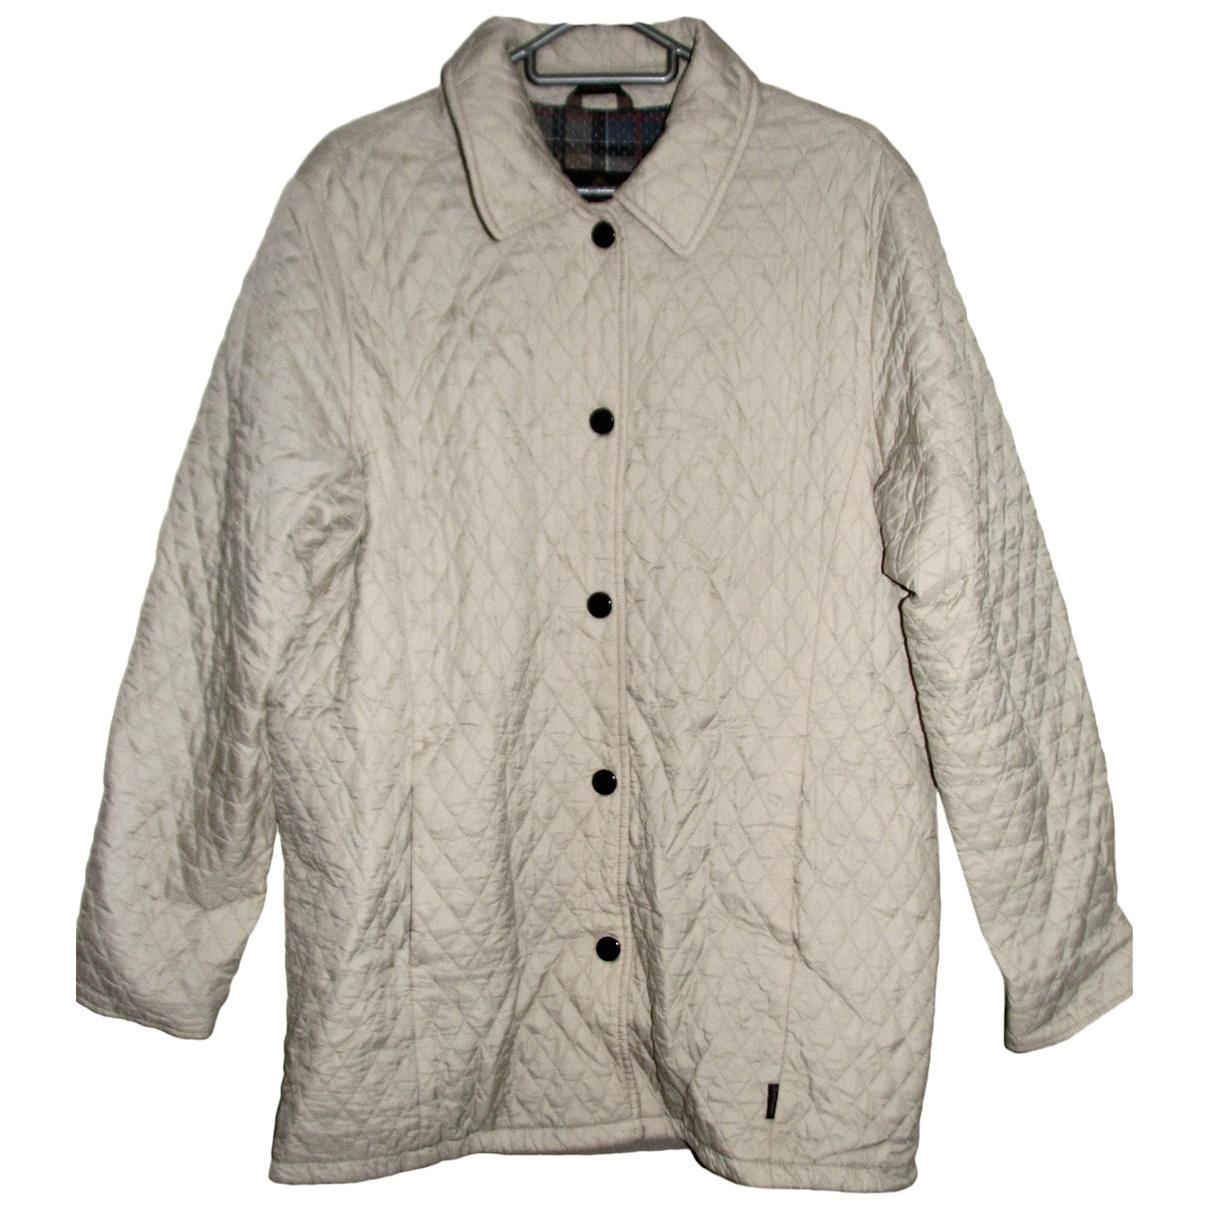 Barbour \N Beige jacket for Women 12 UK